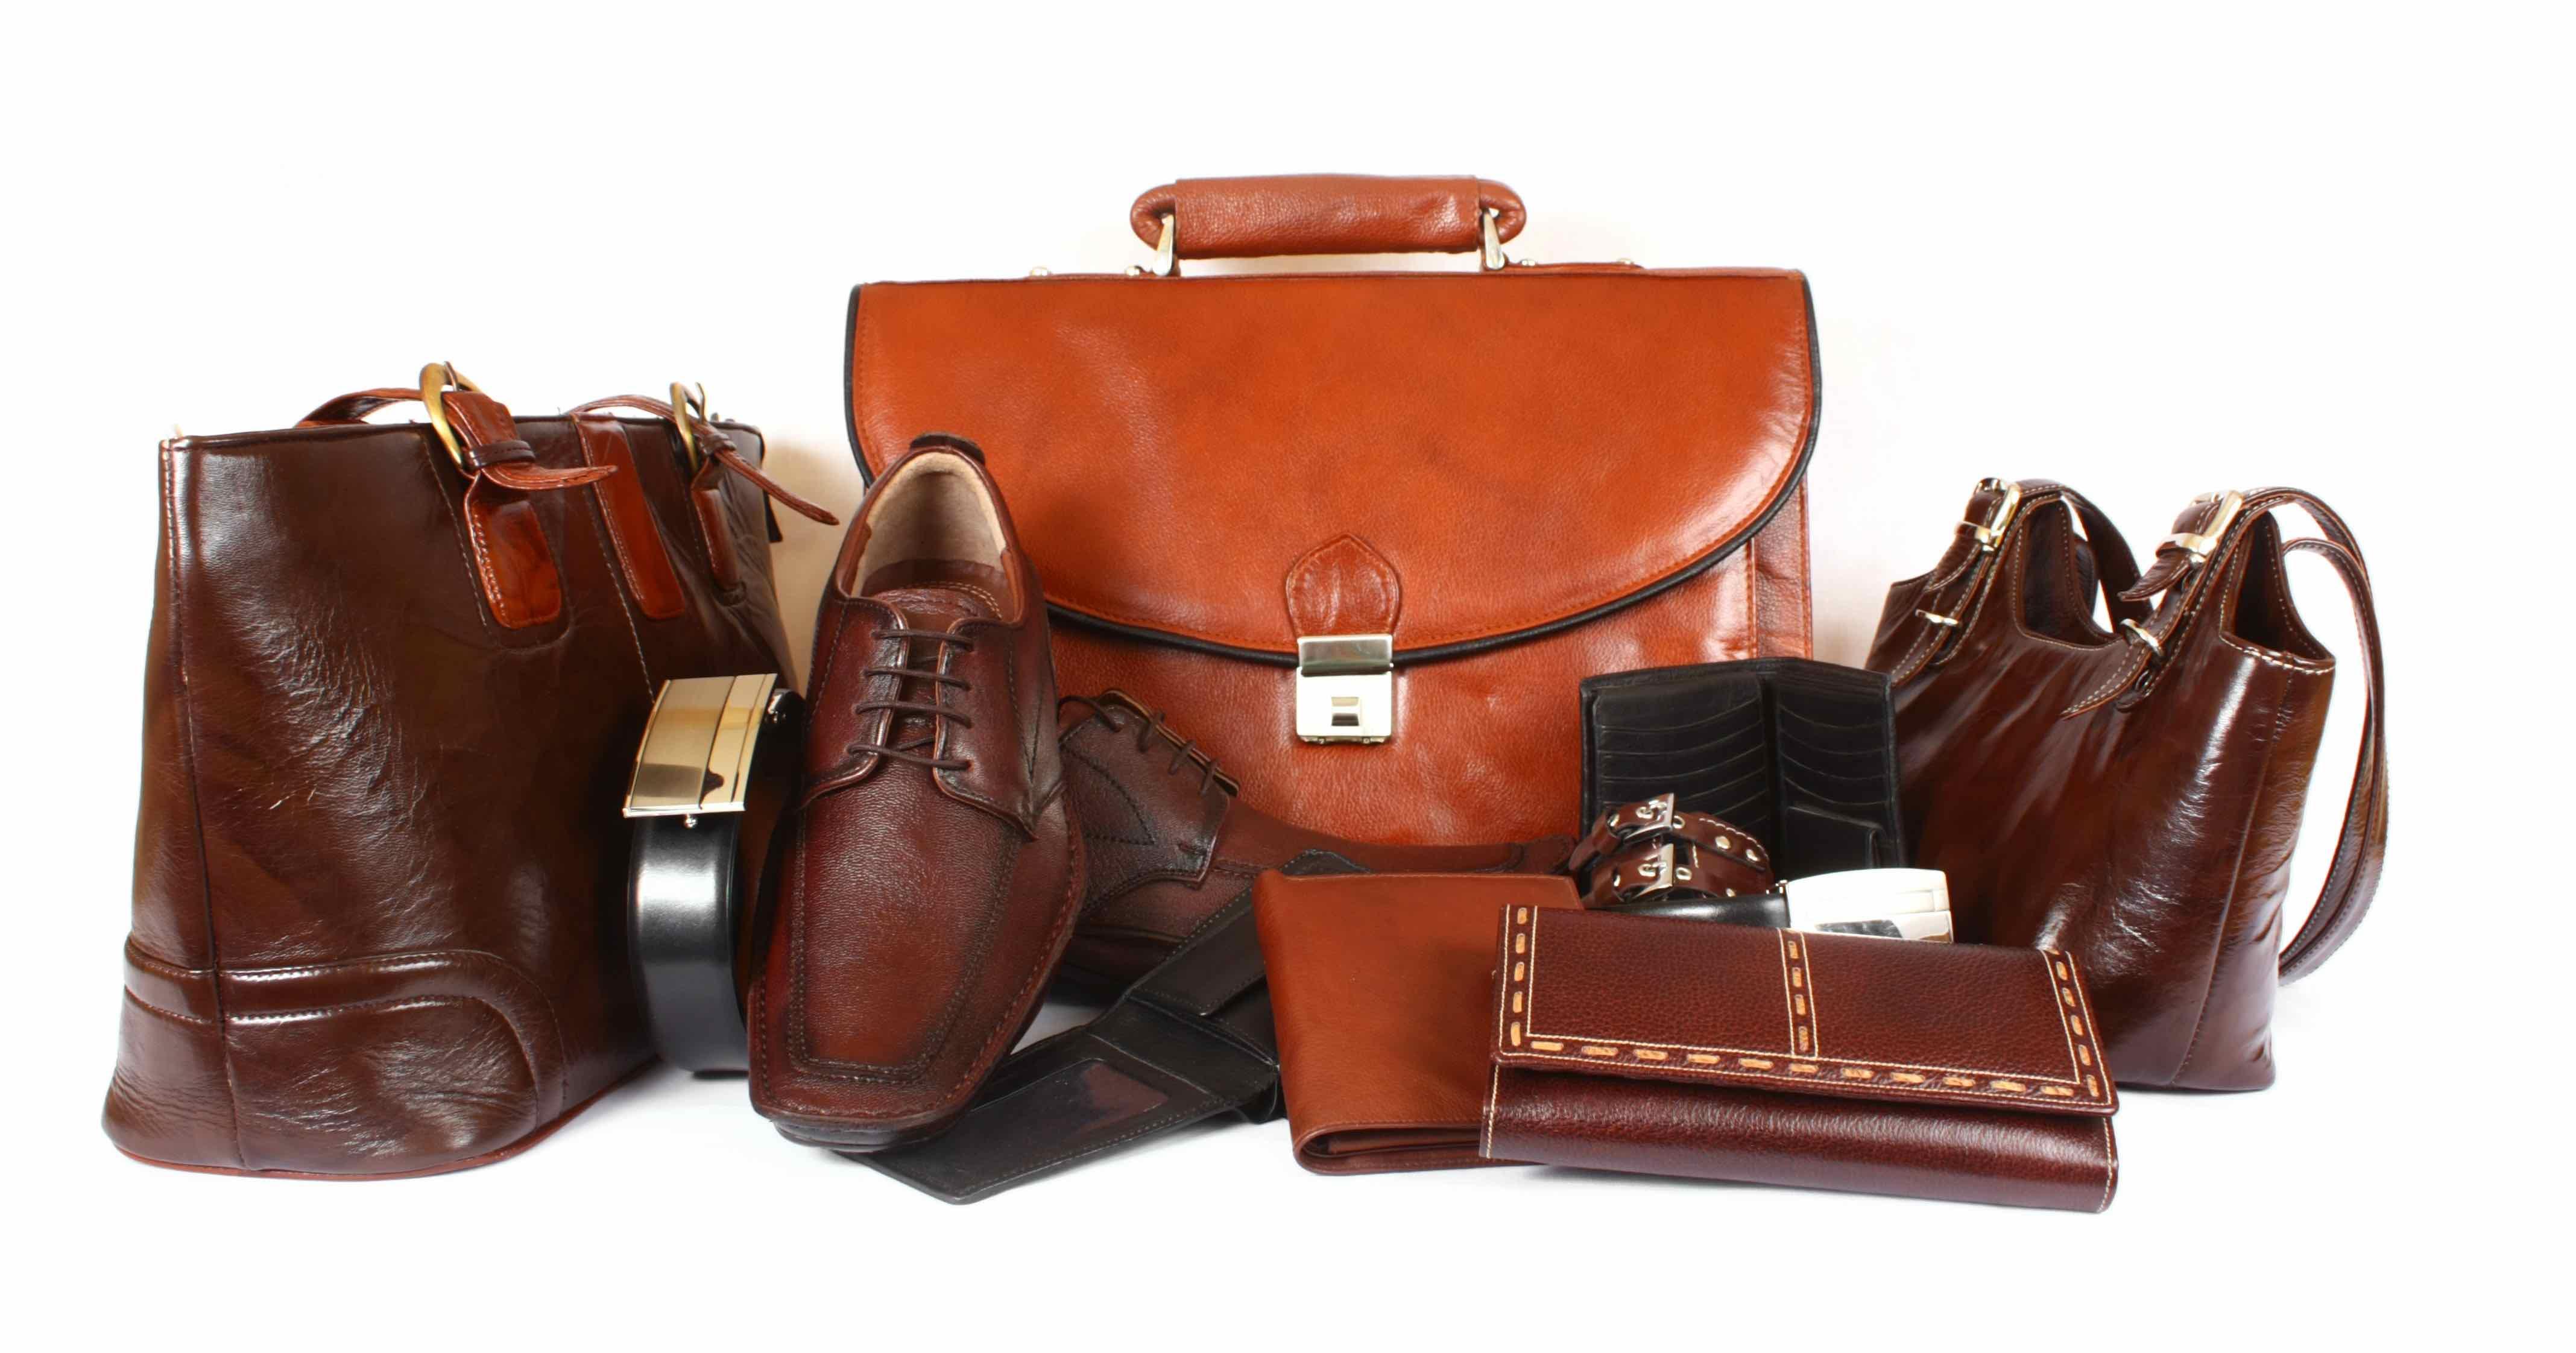 Leather Product Assortment Leathercraft Education